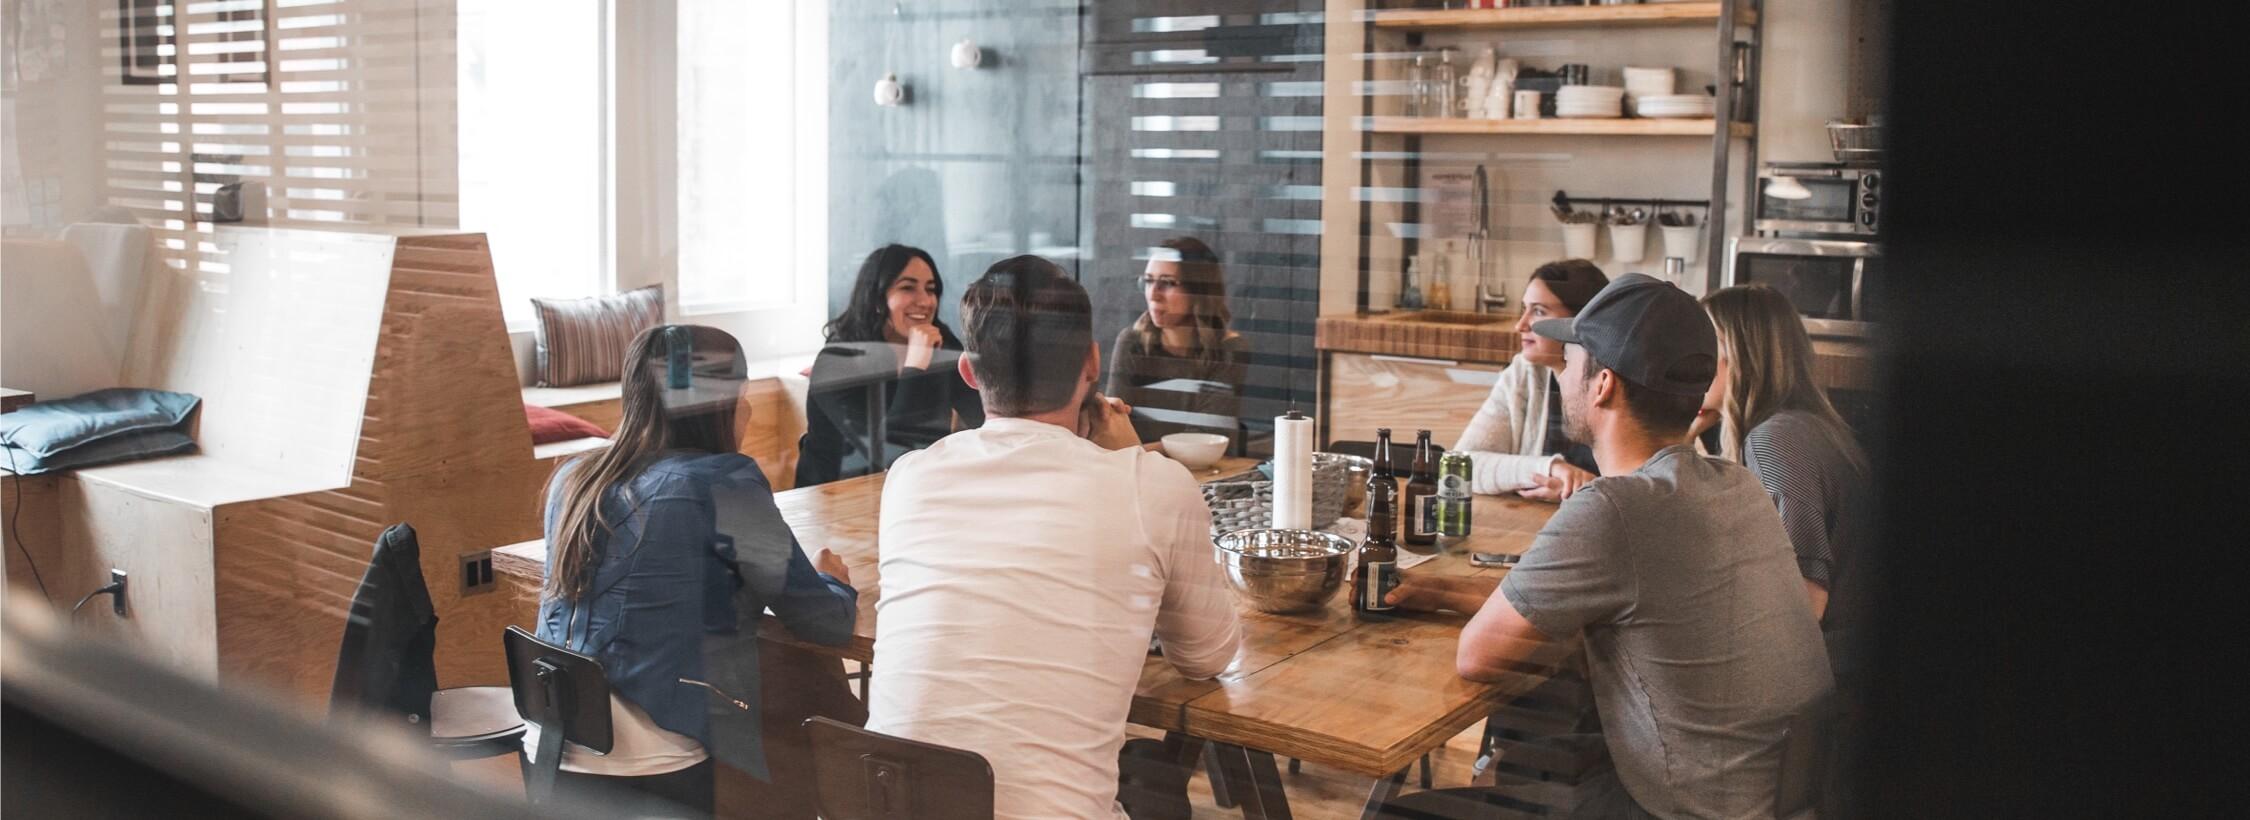 Jugendtreff mit mehreren Menschen um den Tisch.